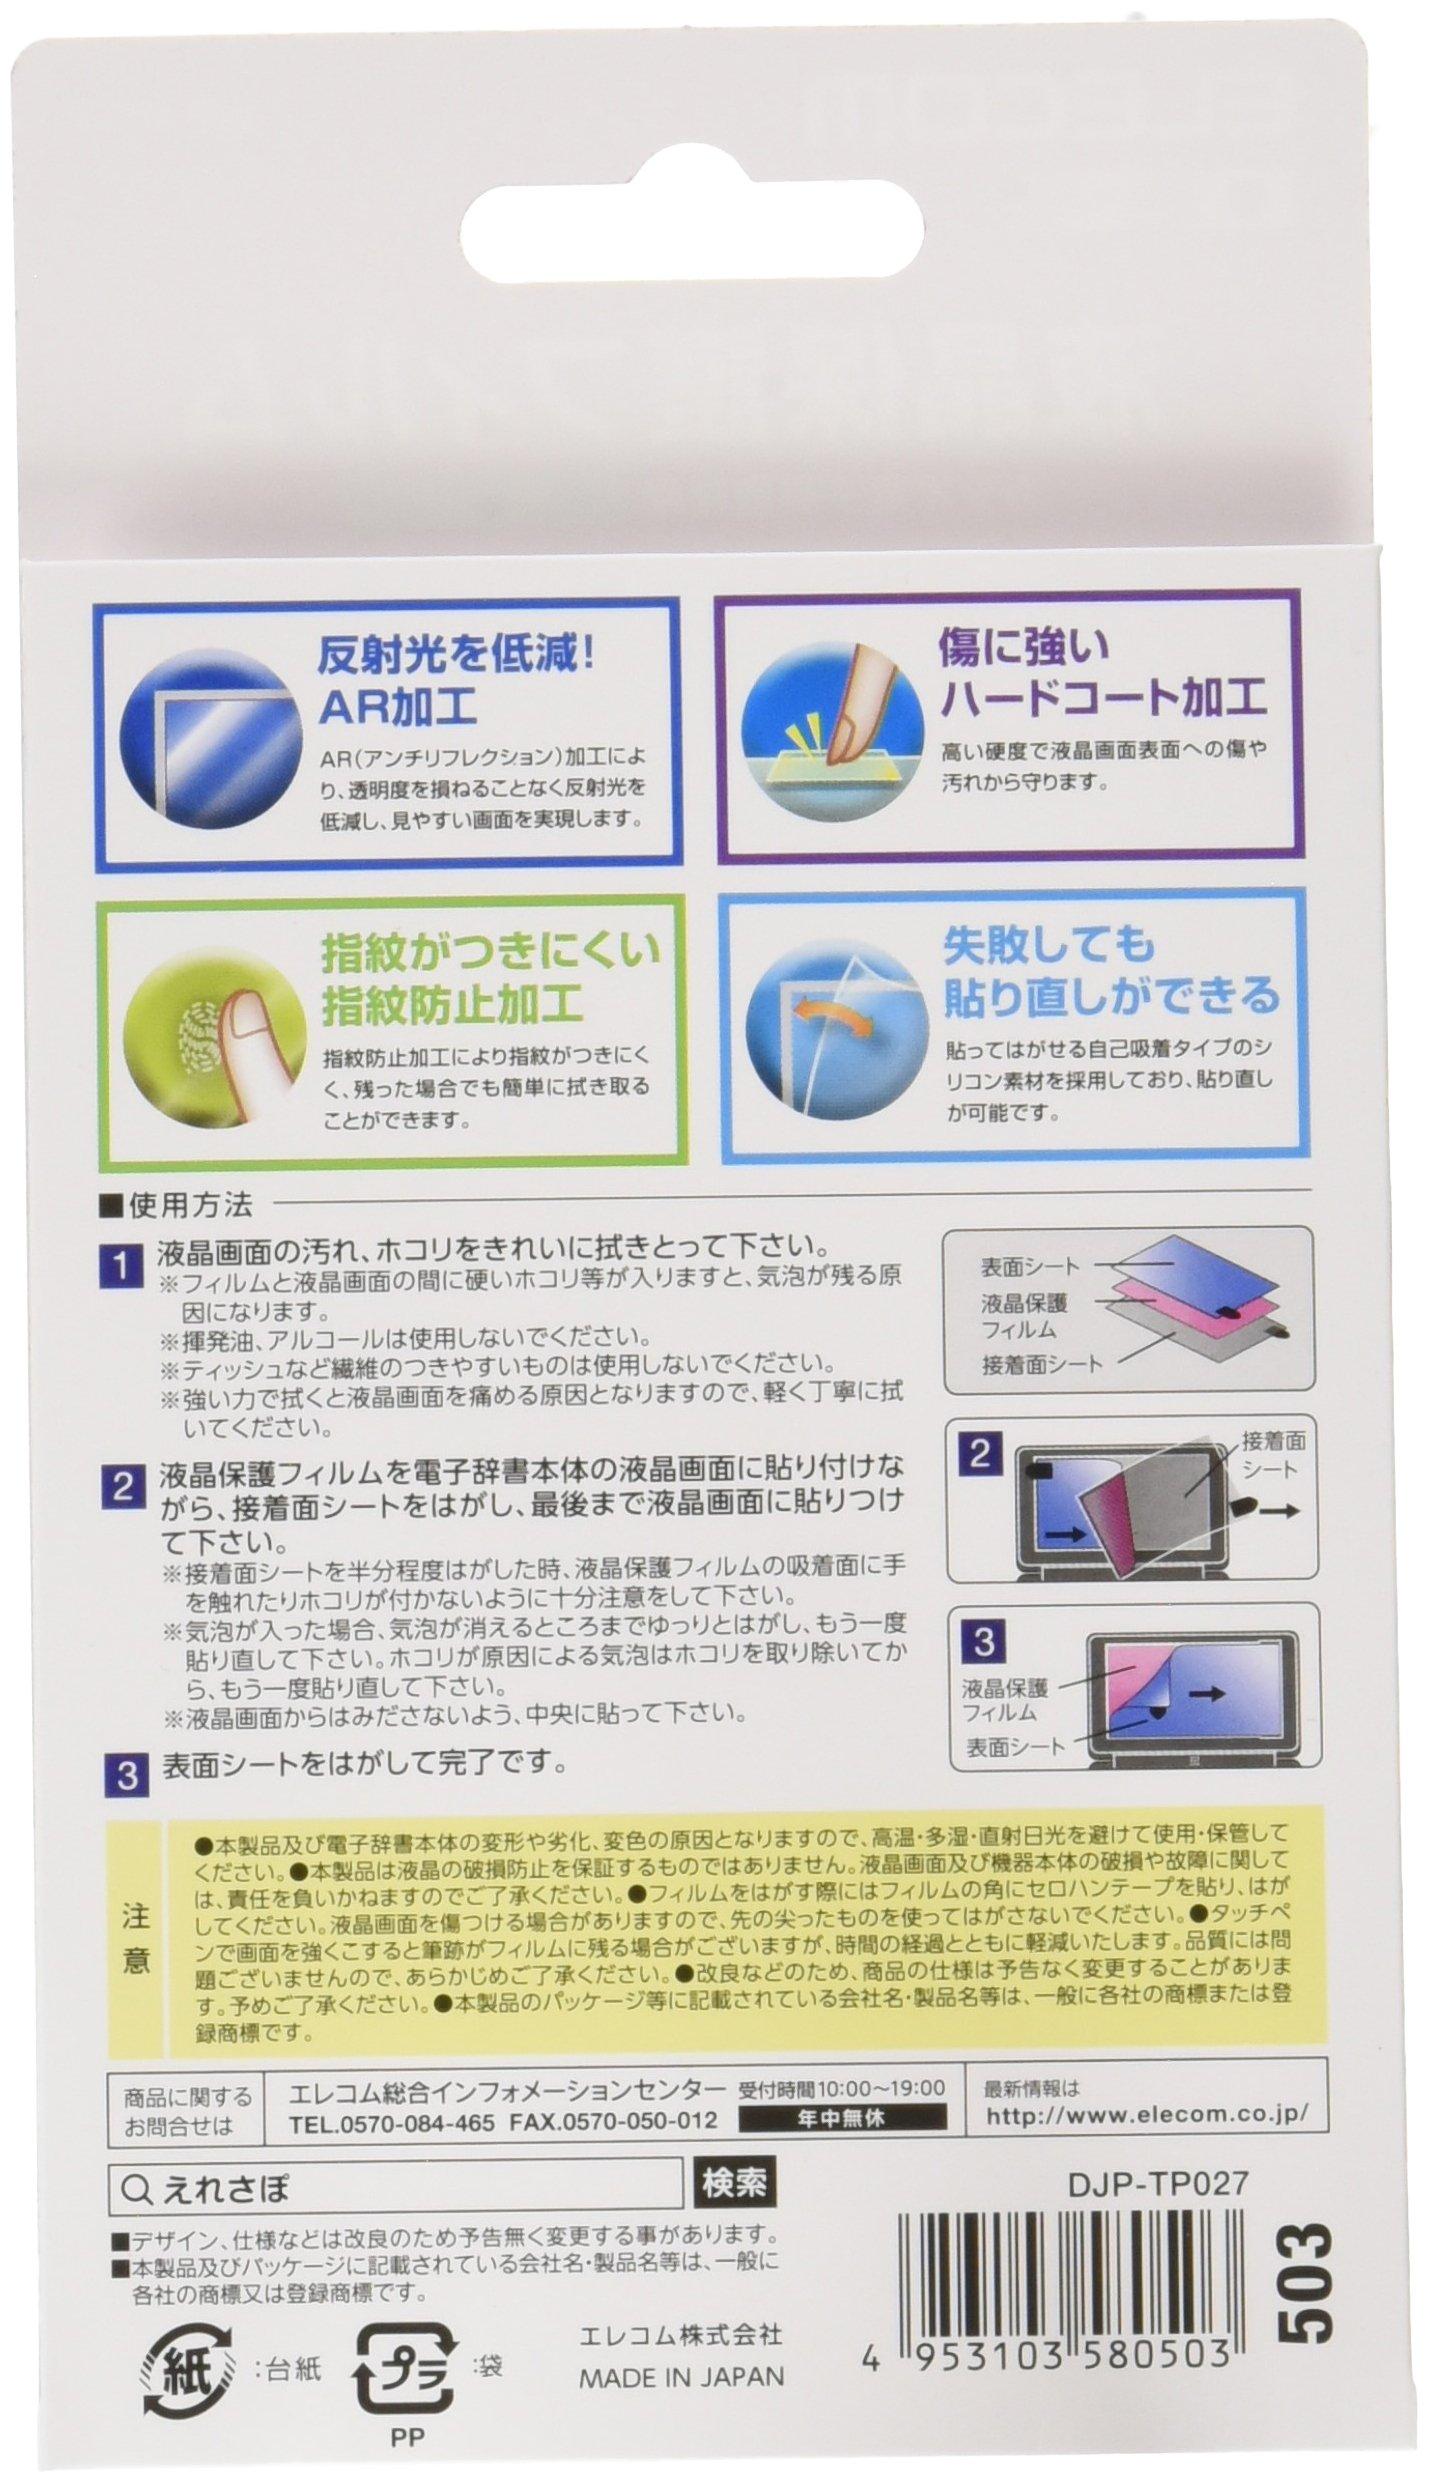 ELECOM electronic dictionary film CASIO XD-K Series DJP-TP027 by ELECOM (ELECOM) (Image #4)